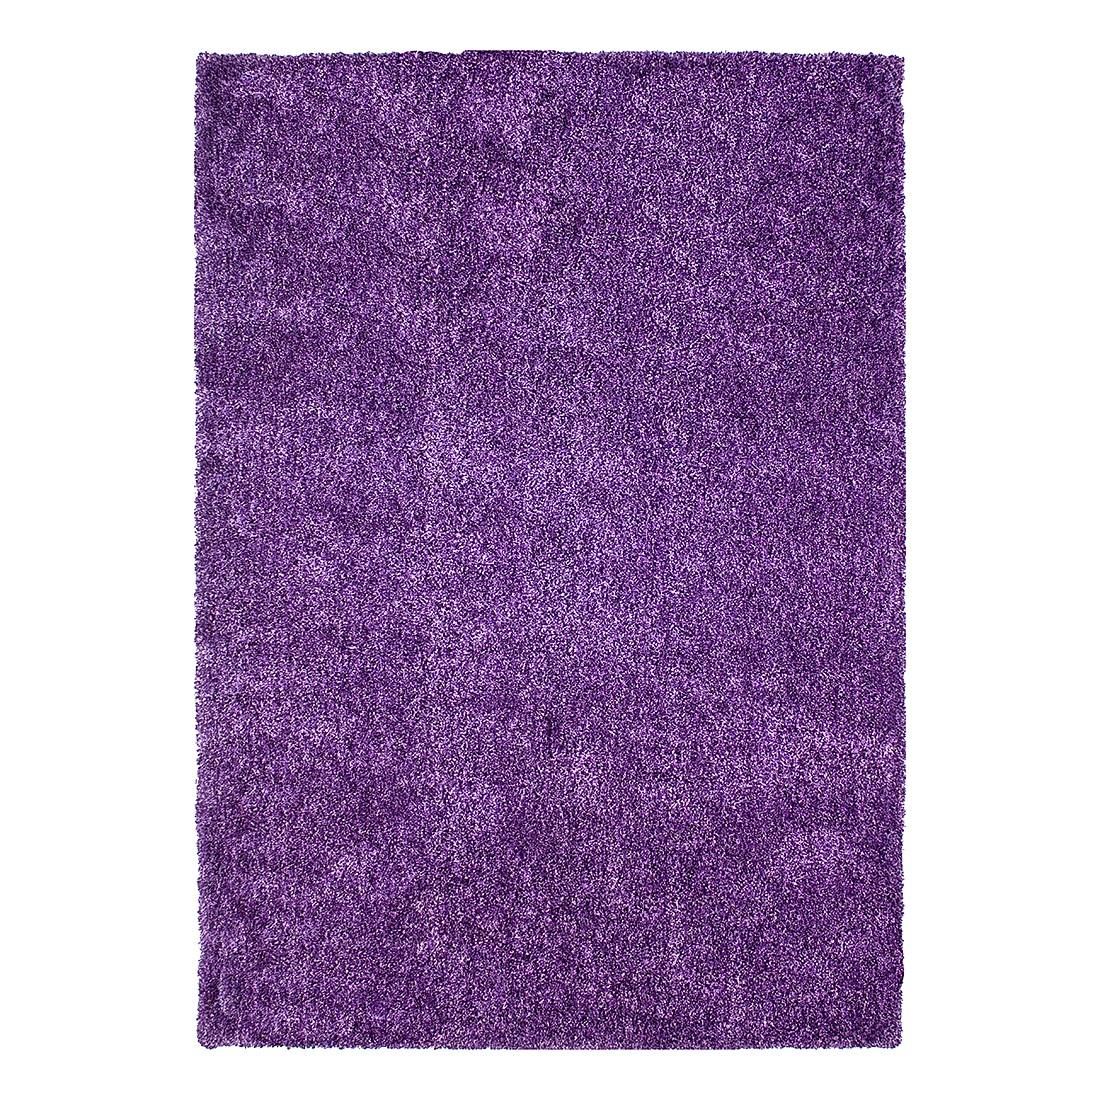 Teppich Augusta - 140 x 200 cm - Violett, Luxor living